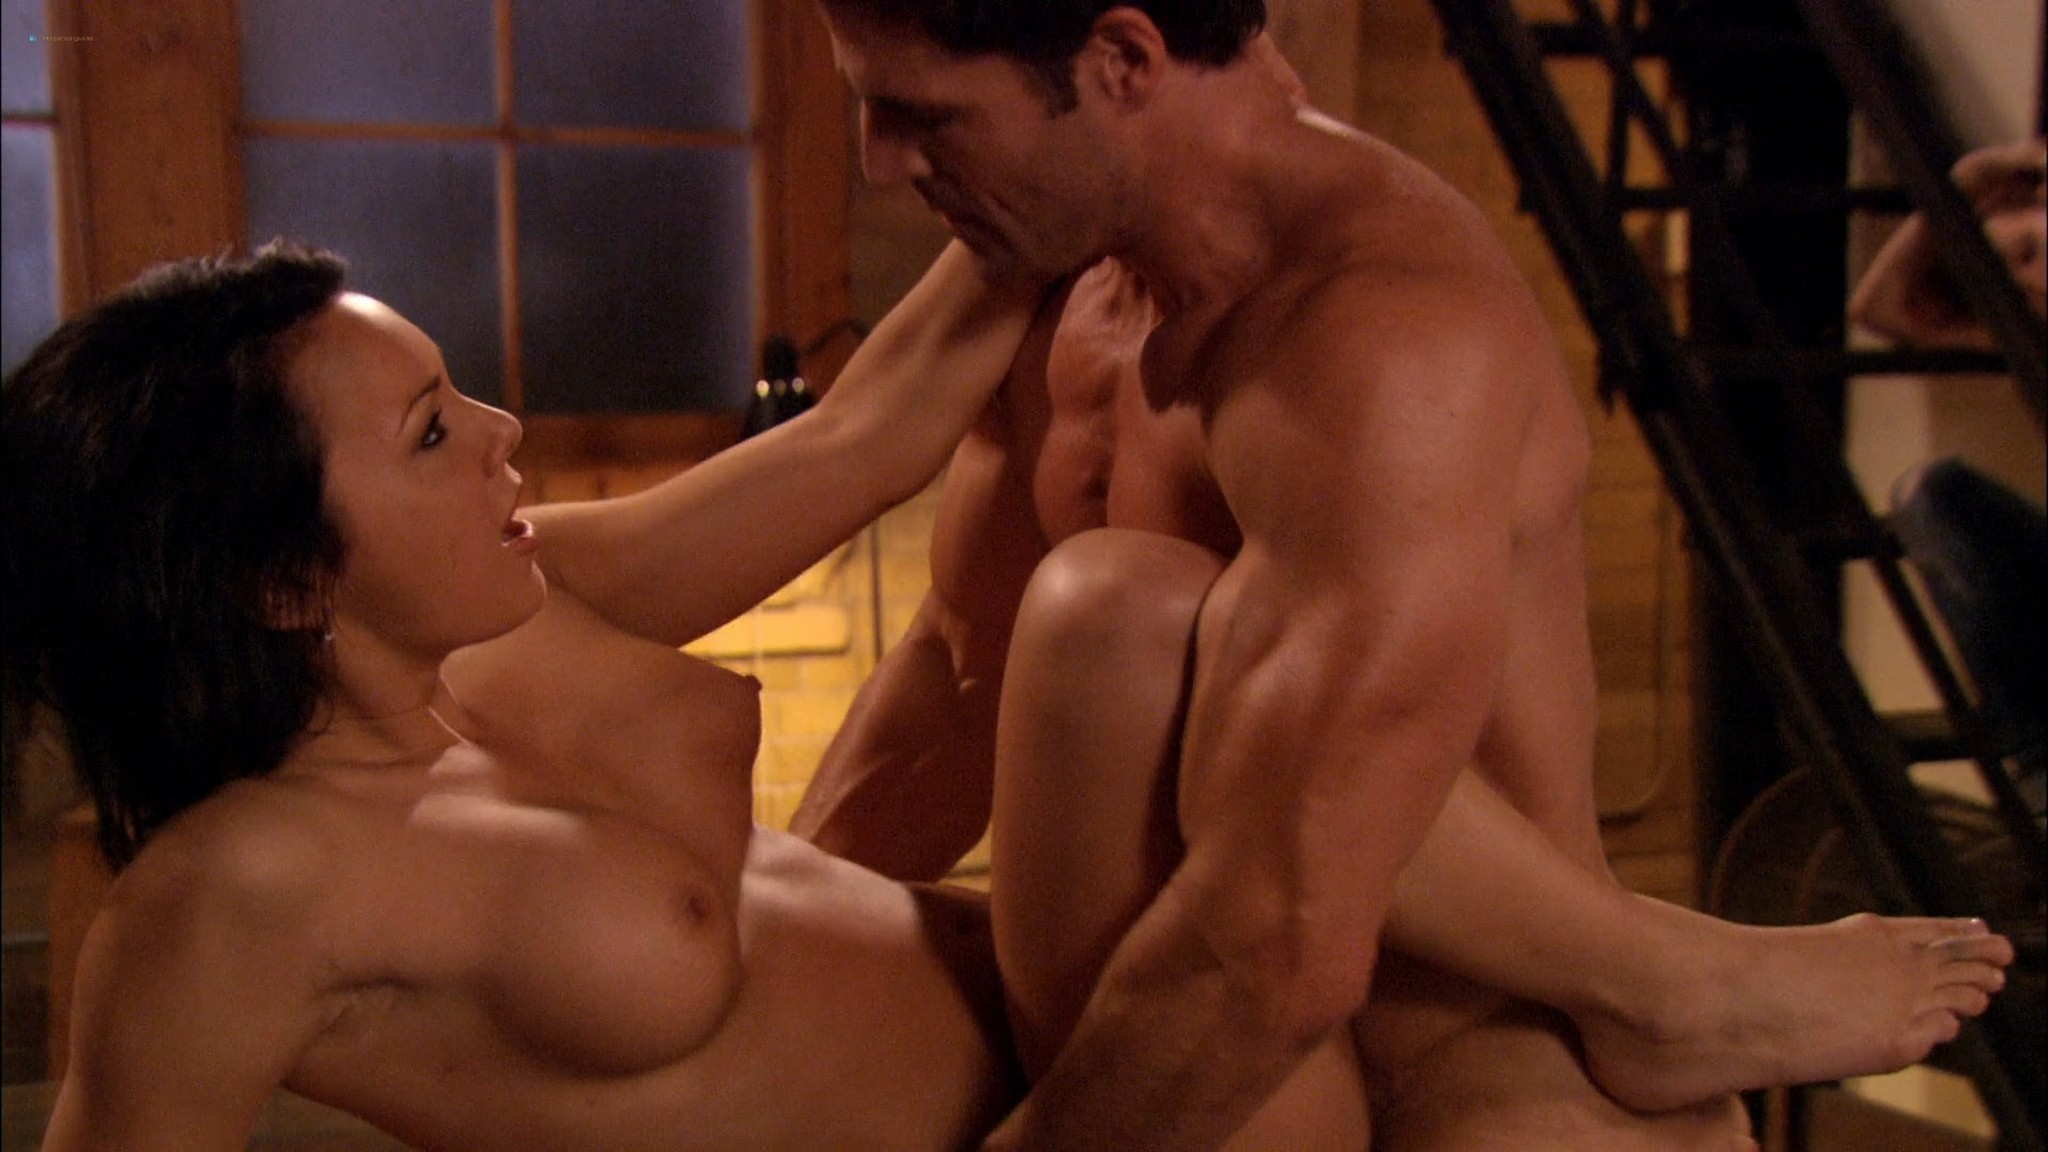 Lana Tailor nude sex Heather ODonnell nude Lingerie 2010 s2e10 1080p 10